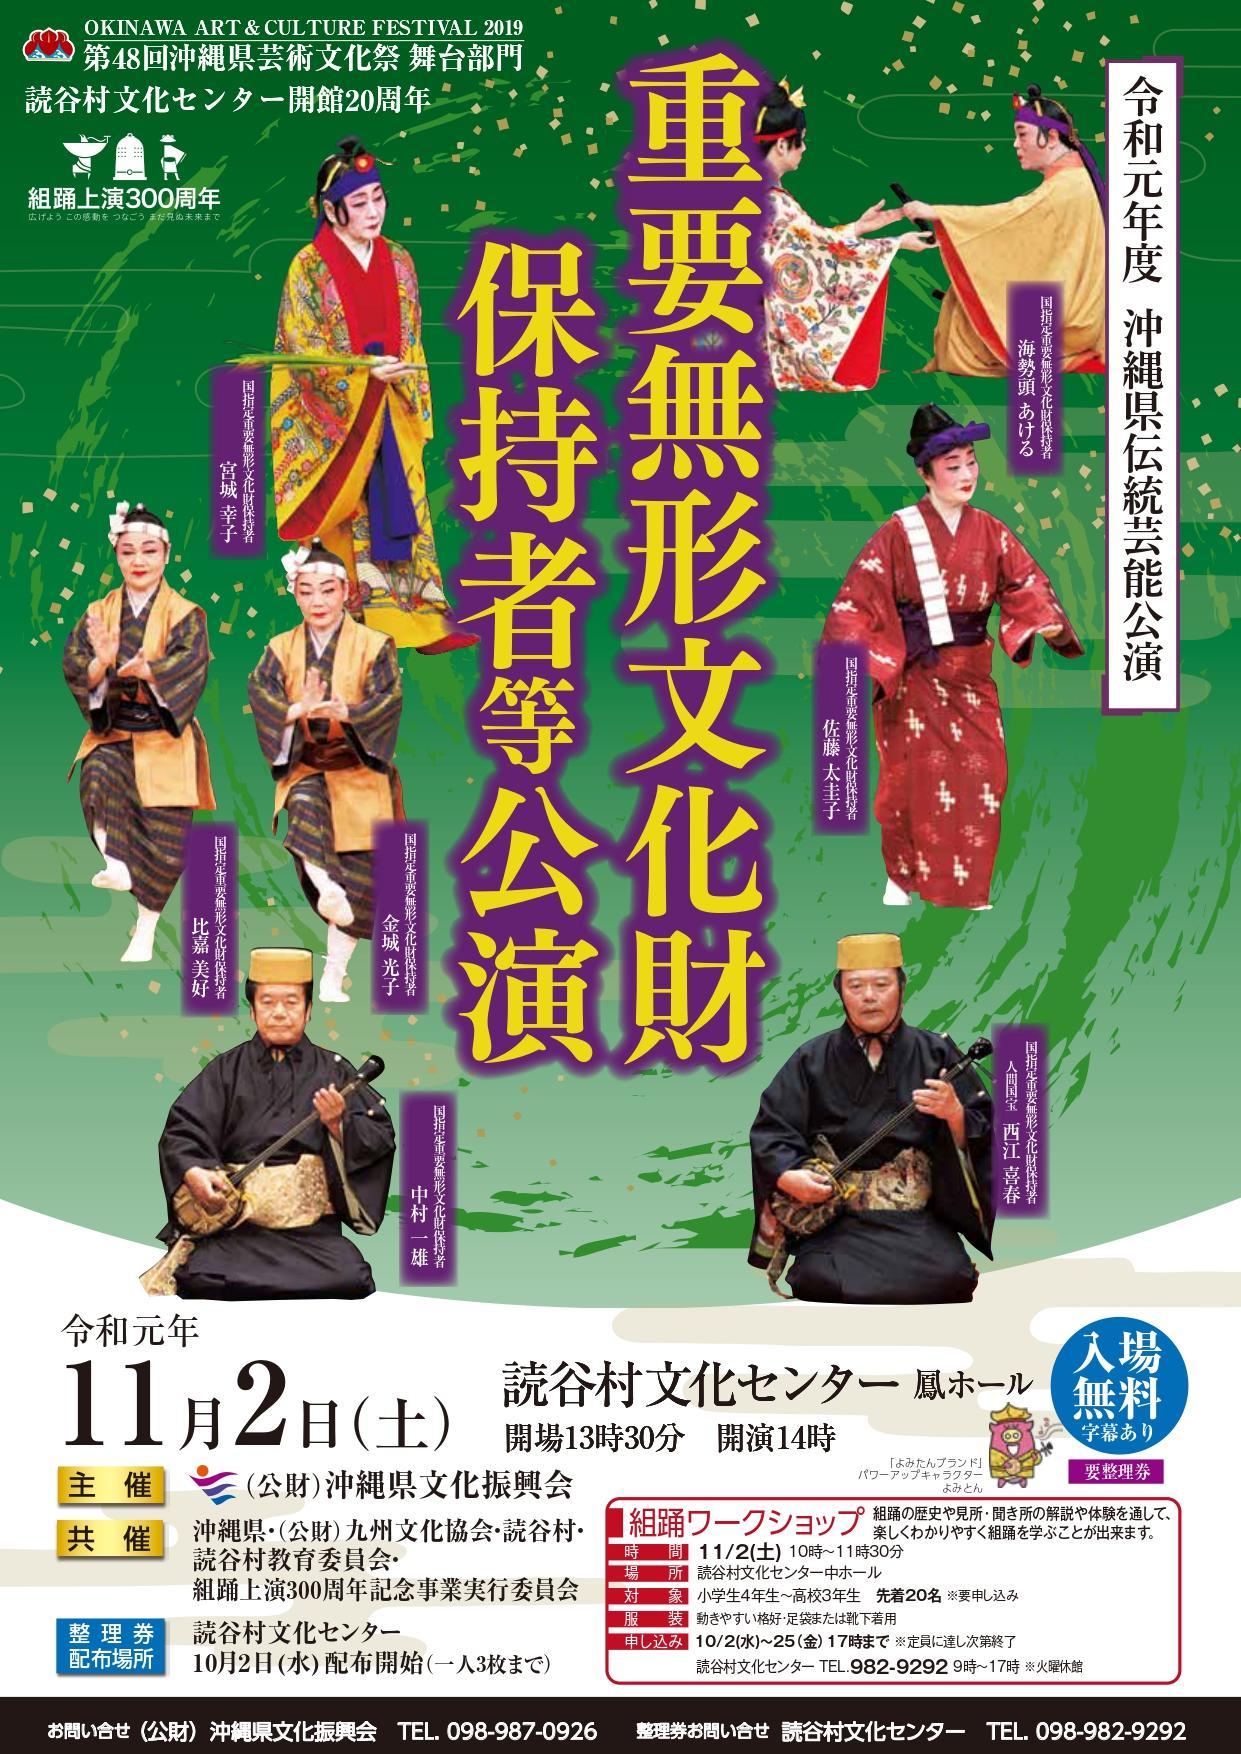 11月2日(土)重要無形文化財保持者等公演の情報を更新しました!